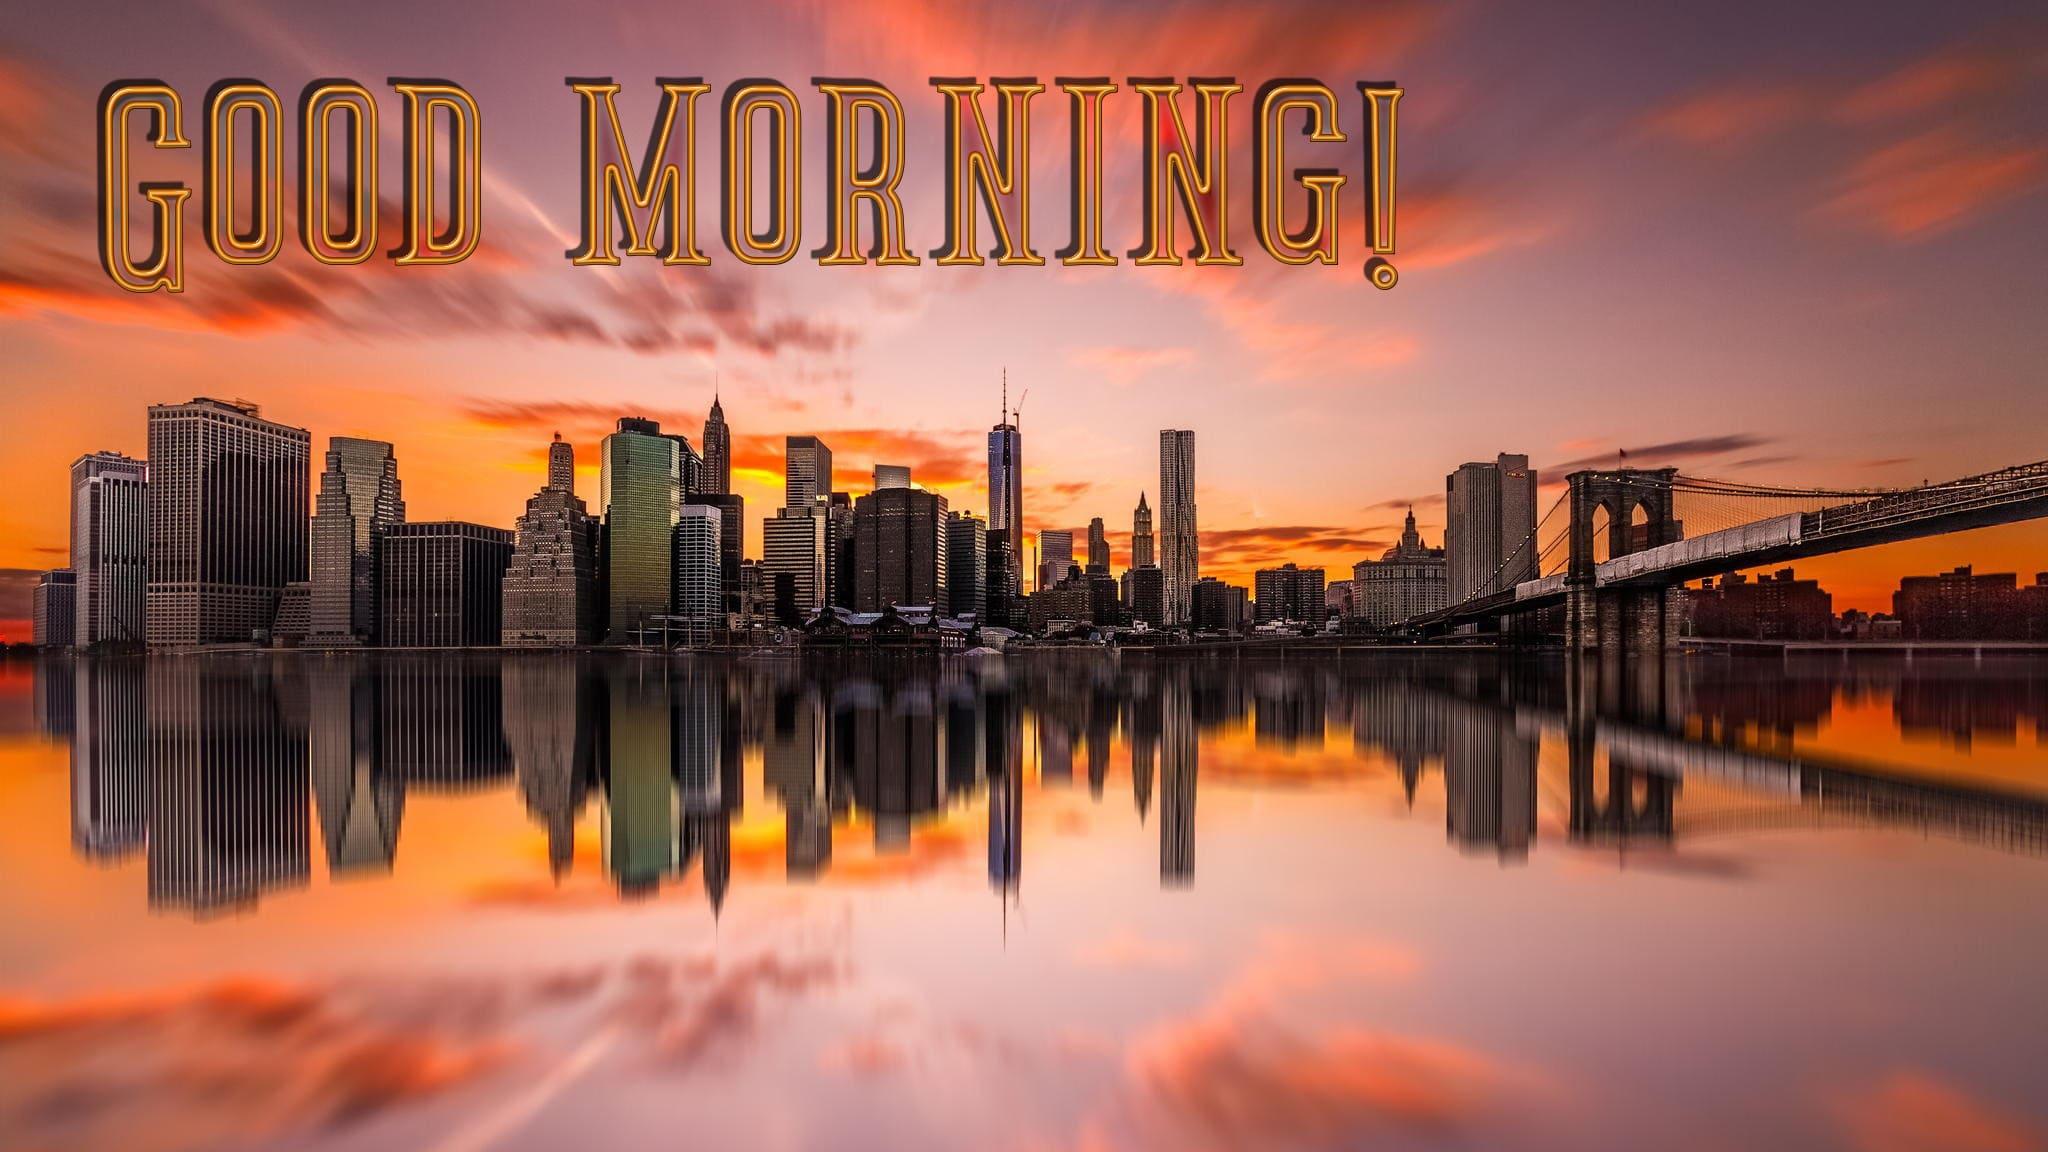 Những hình ảnh chúc buổi sáng đẹp